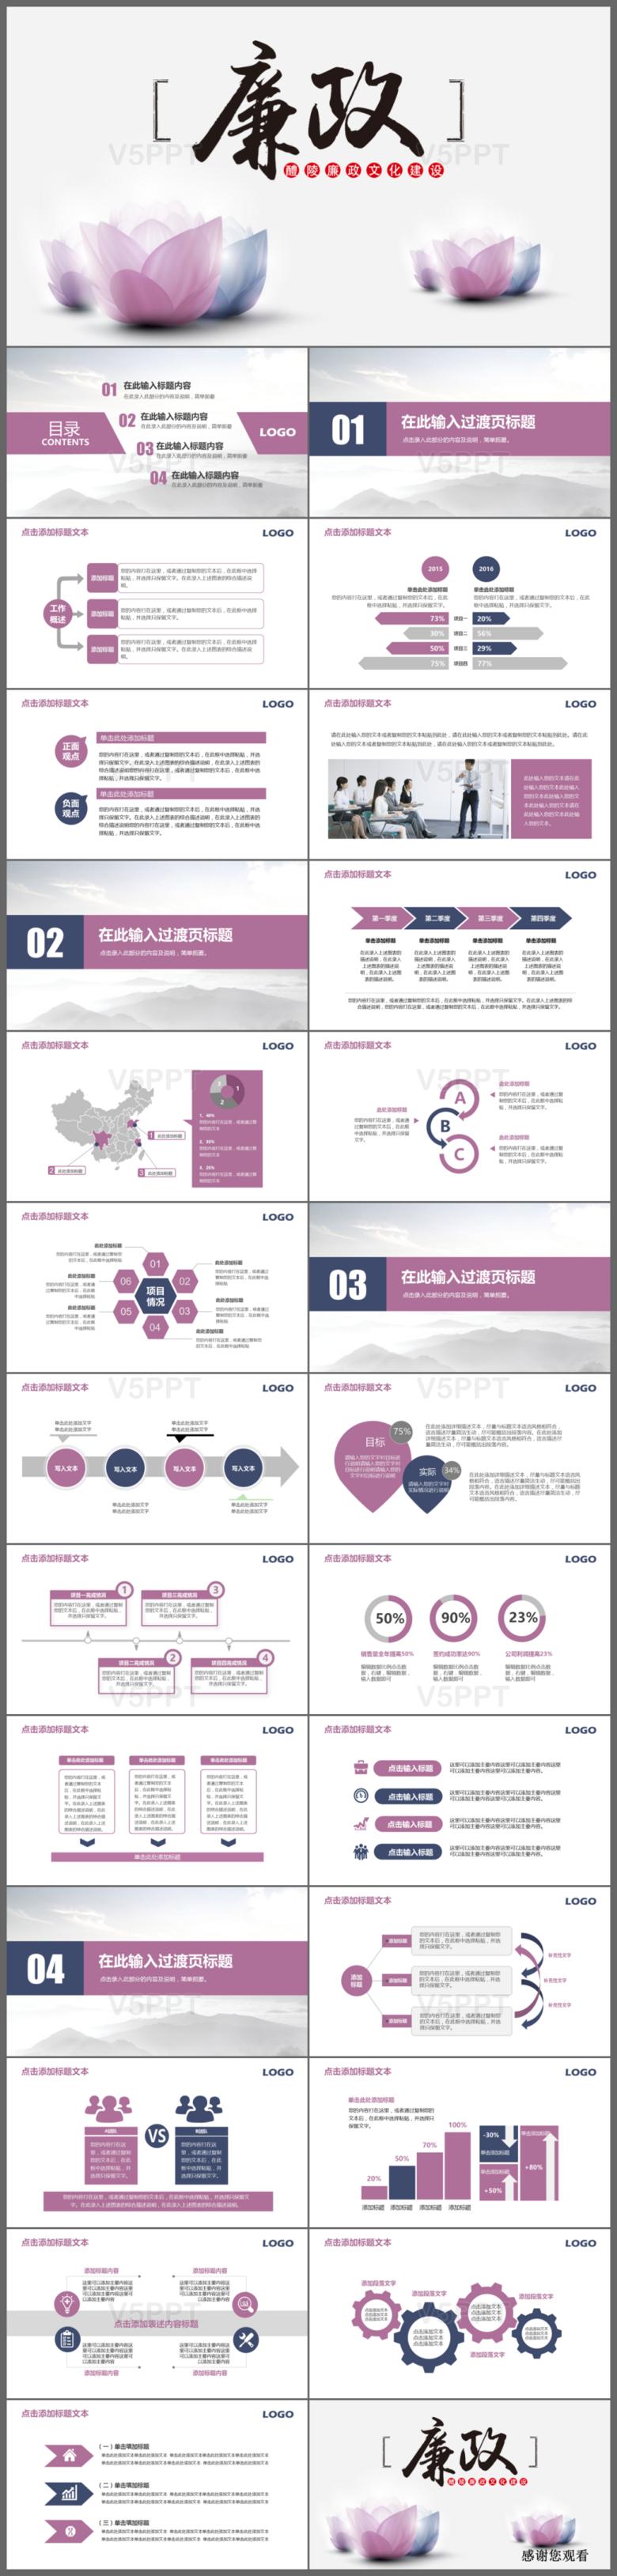 中国风纪委反腐败廉洁廉政文化建设教育PPT模板